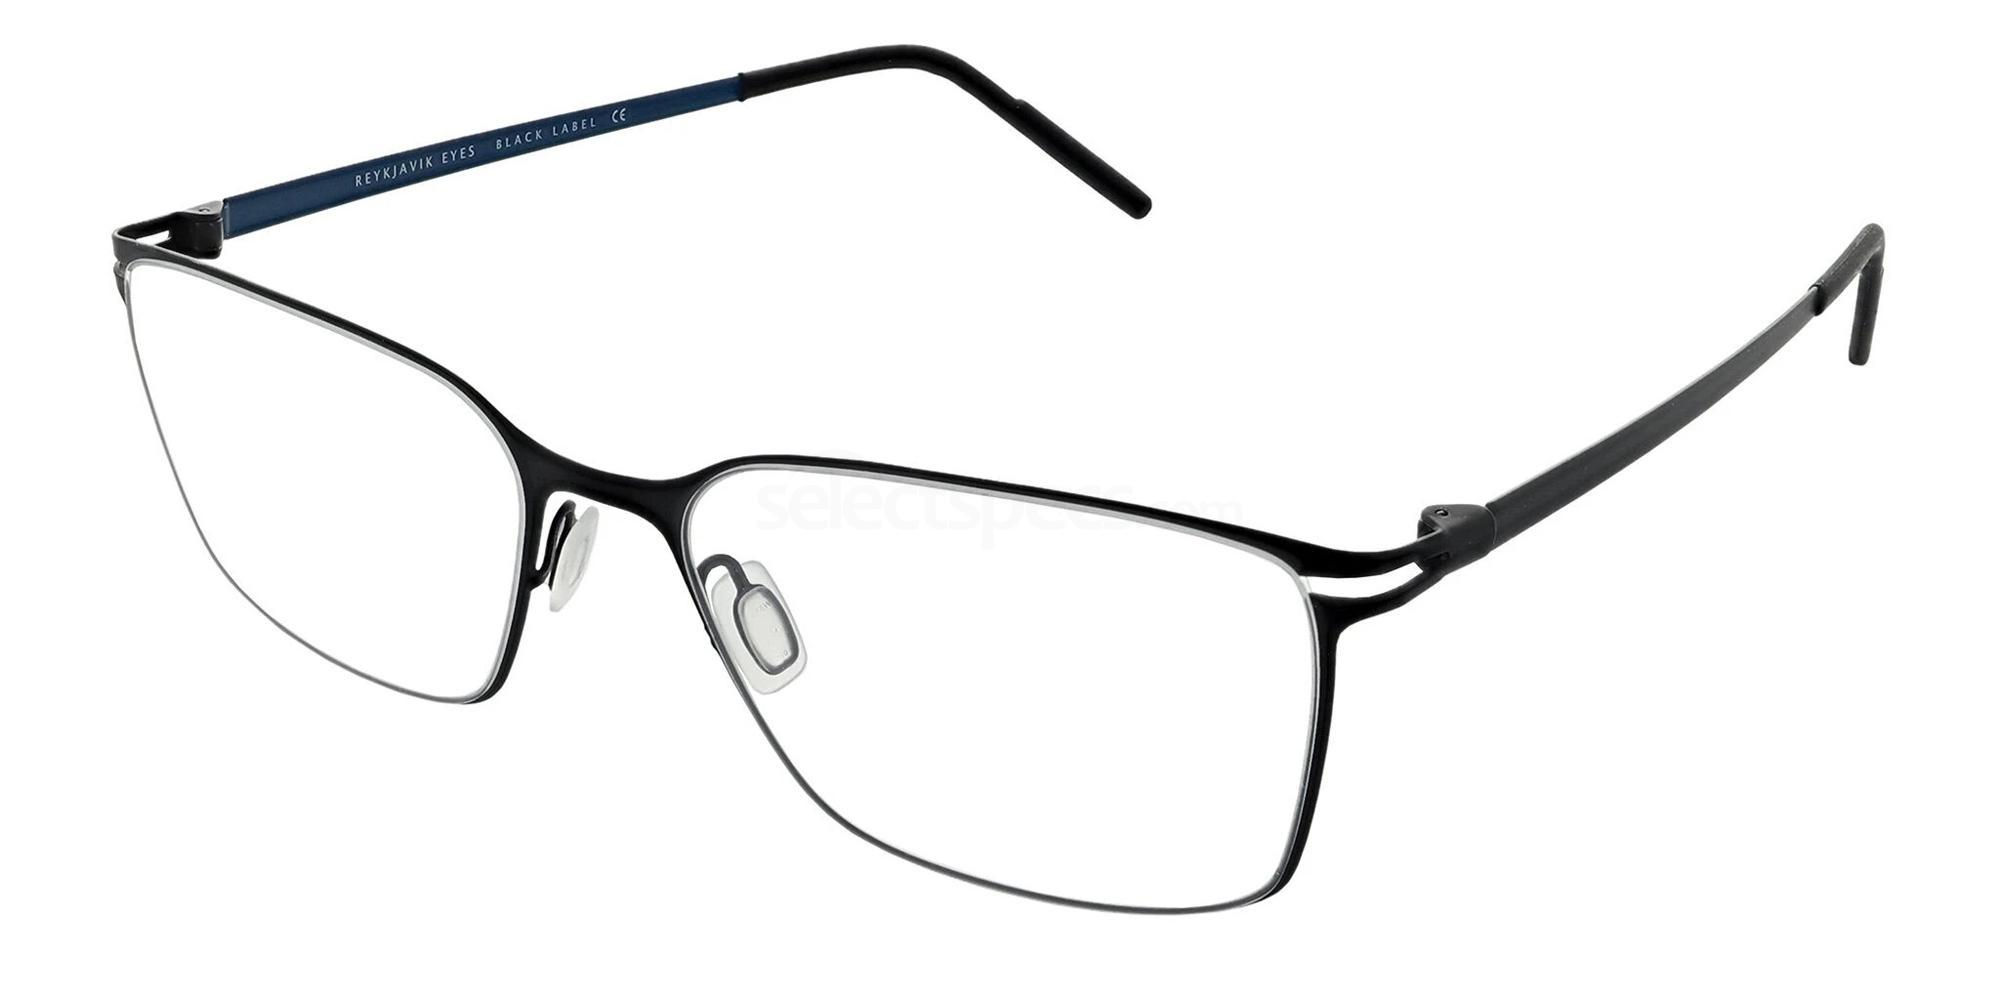 C1 STEFAN Glasses, Reykjavik Eyes Black Label